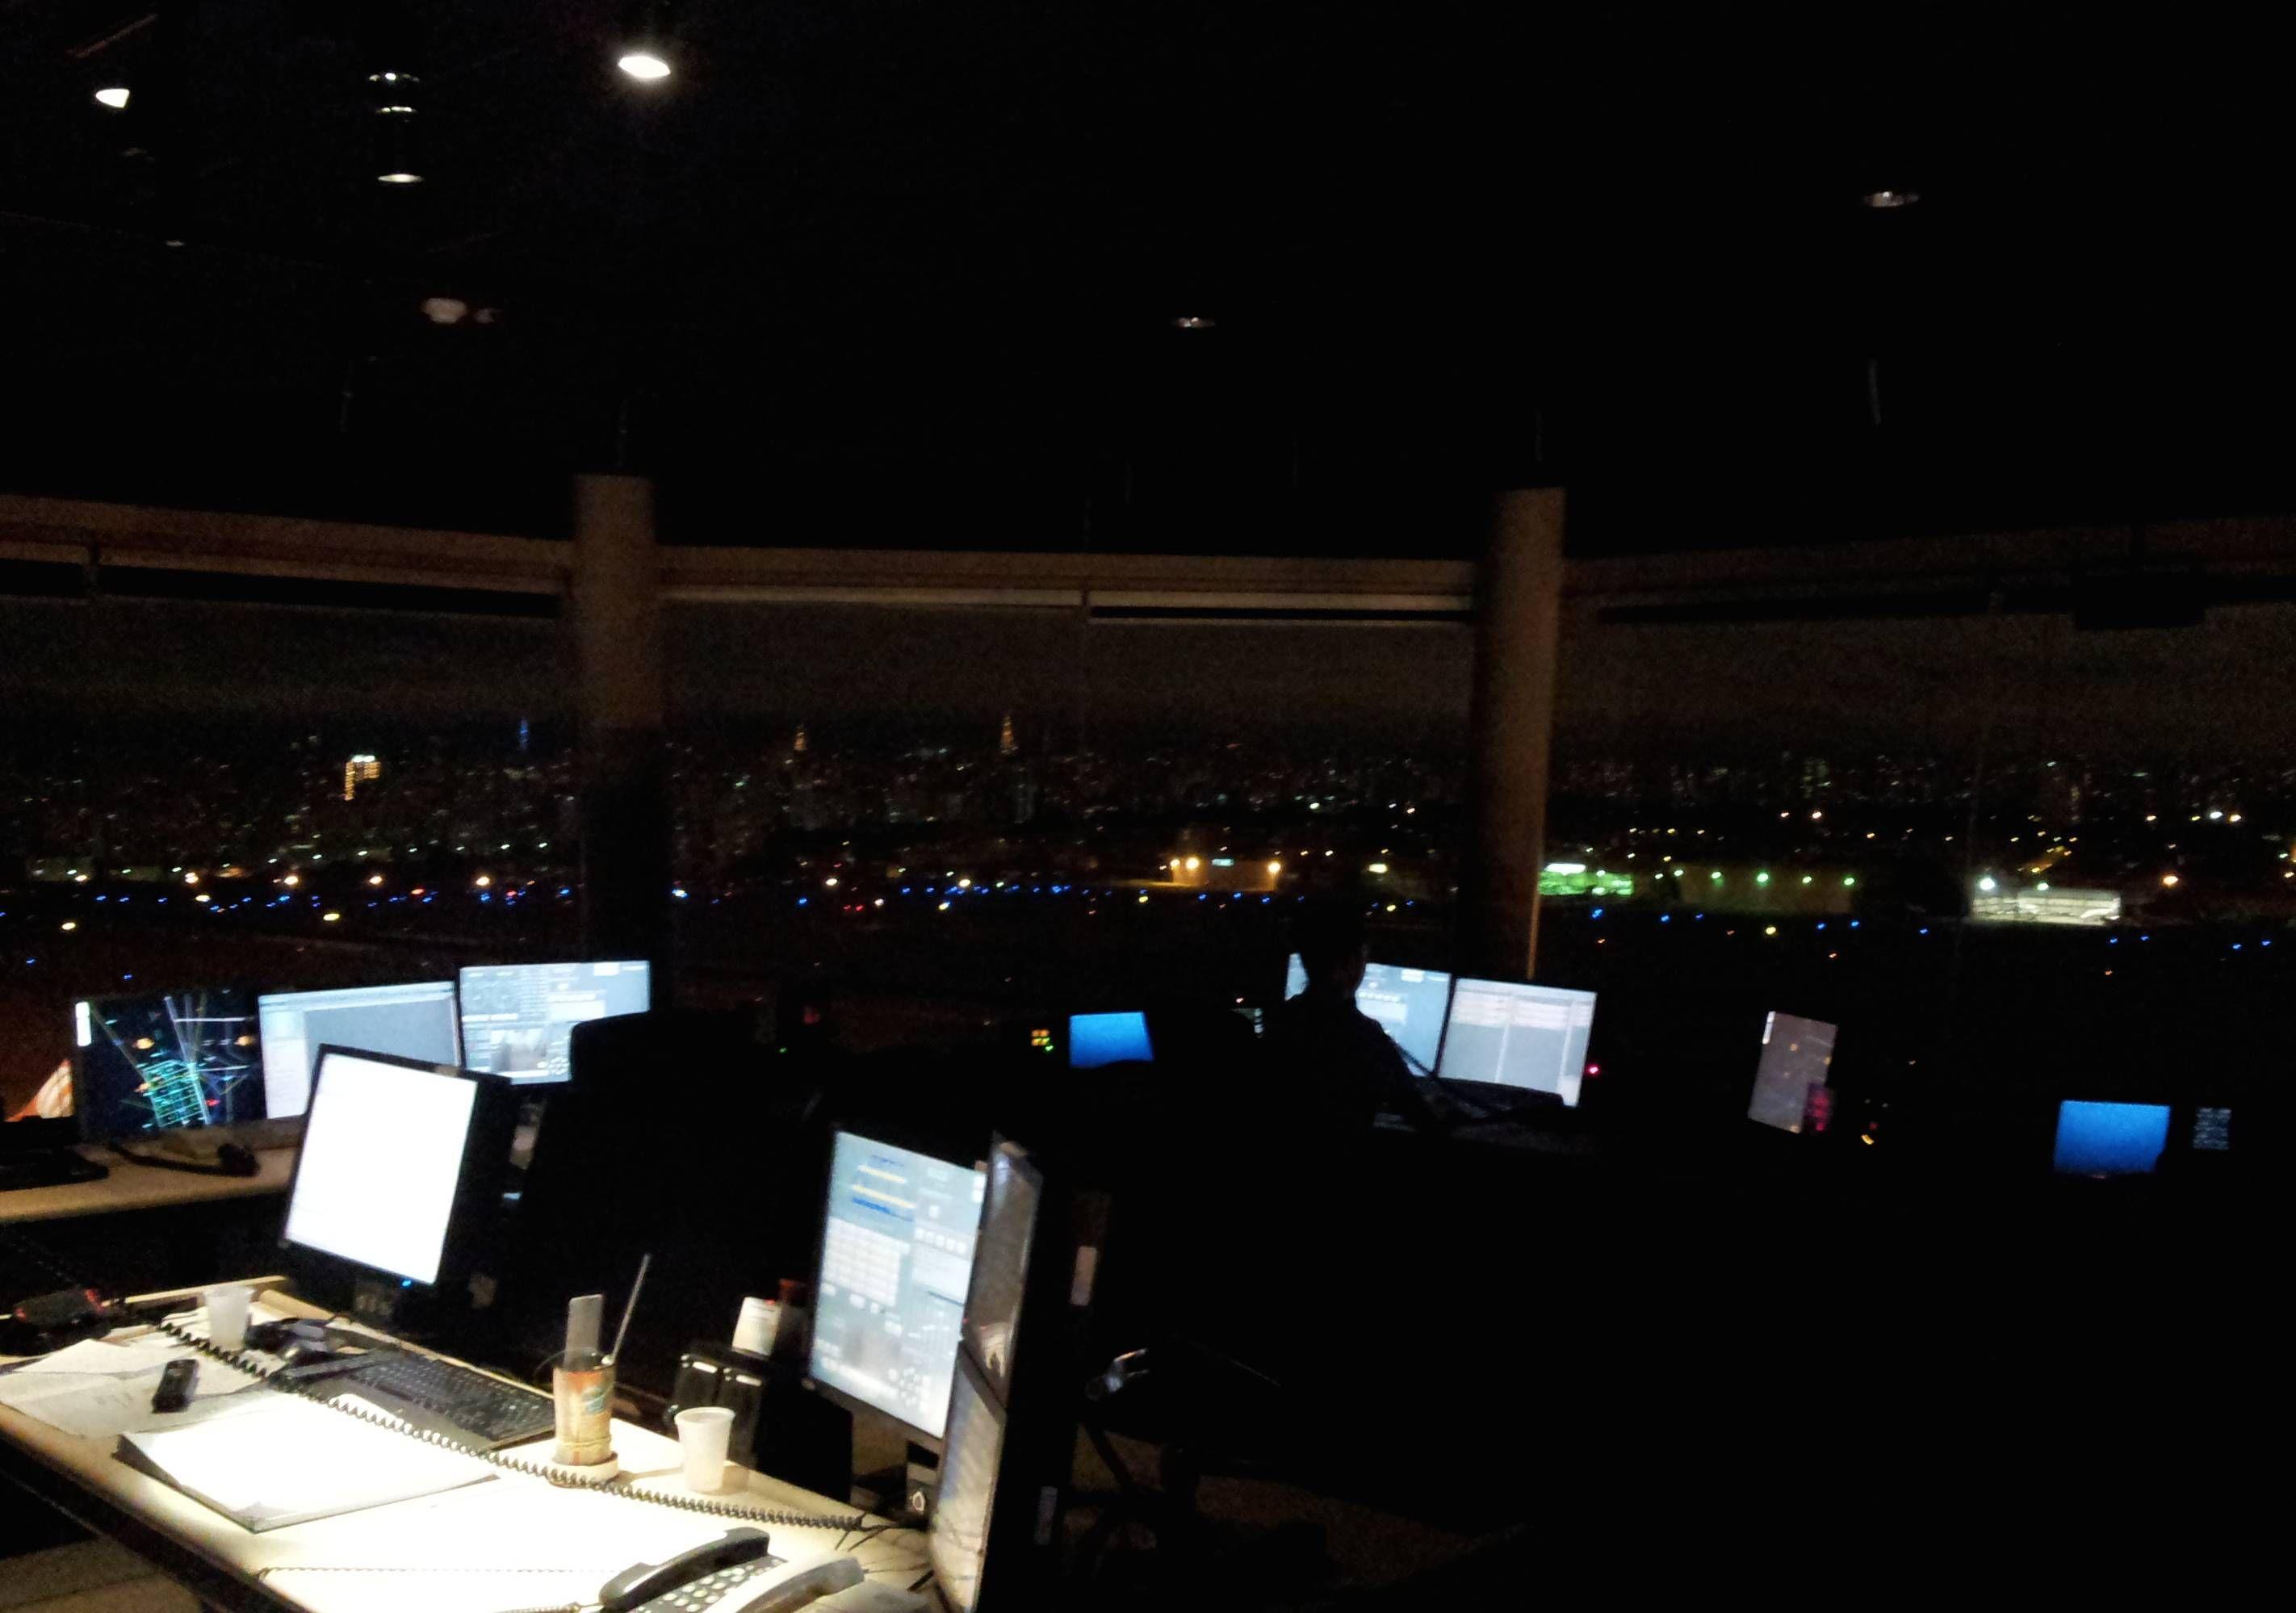 Visita aos bastidores do controle aéreo brasileiro